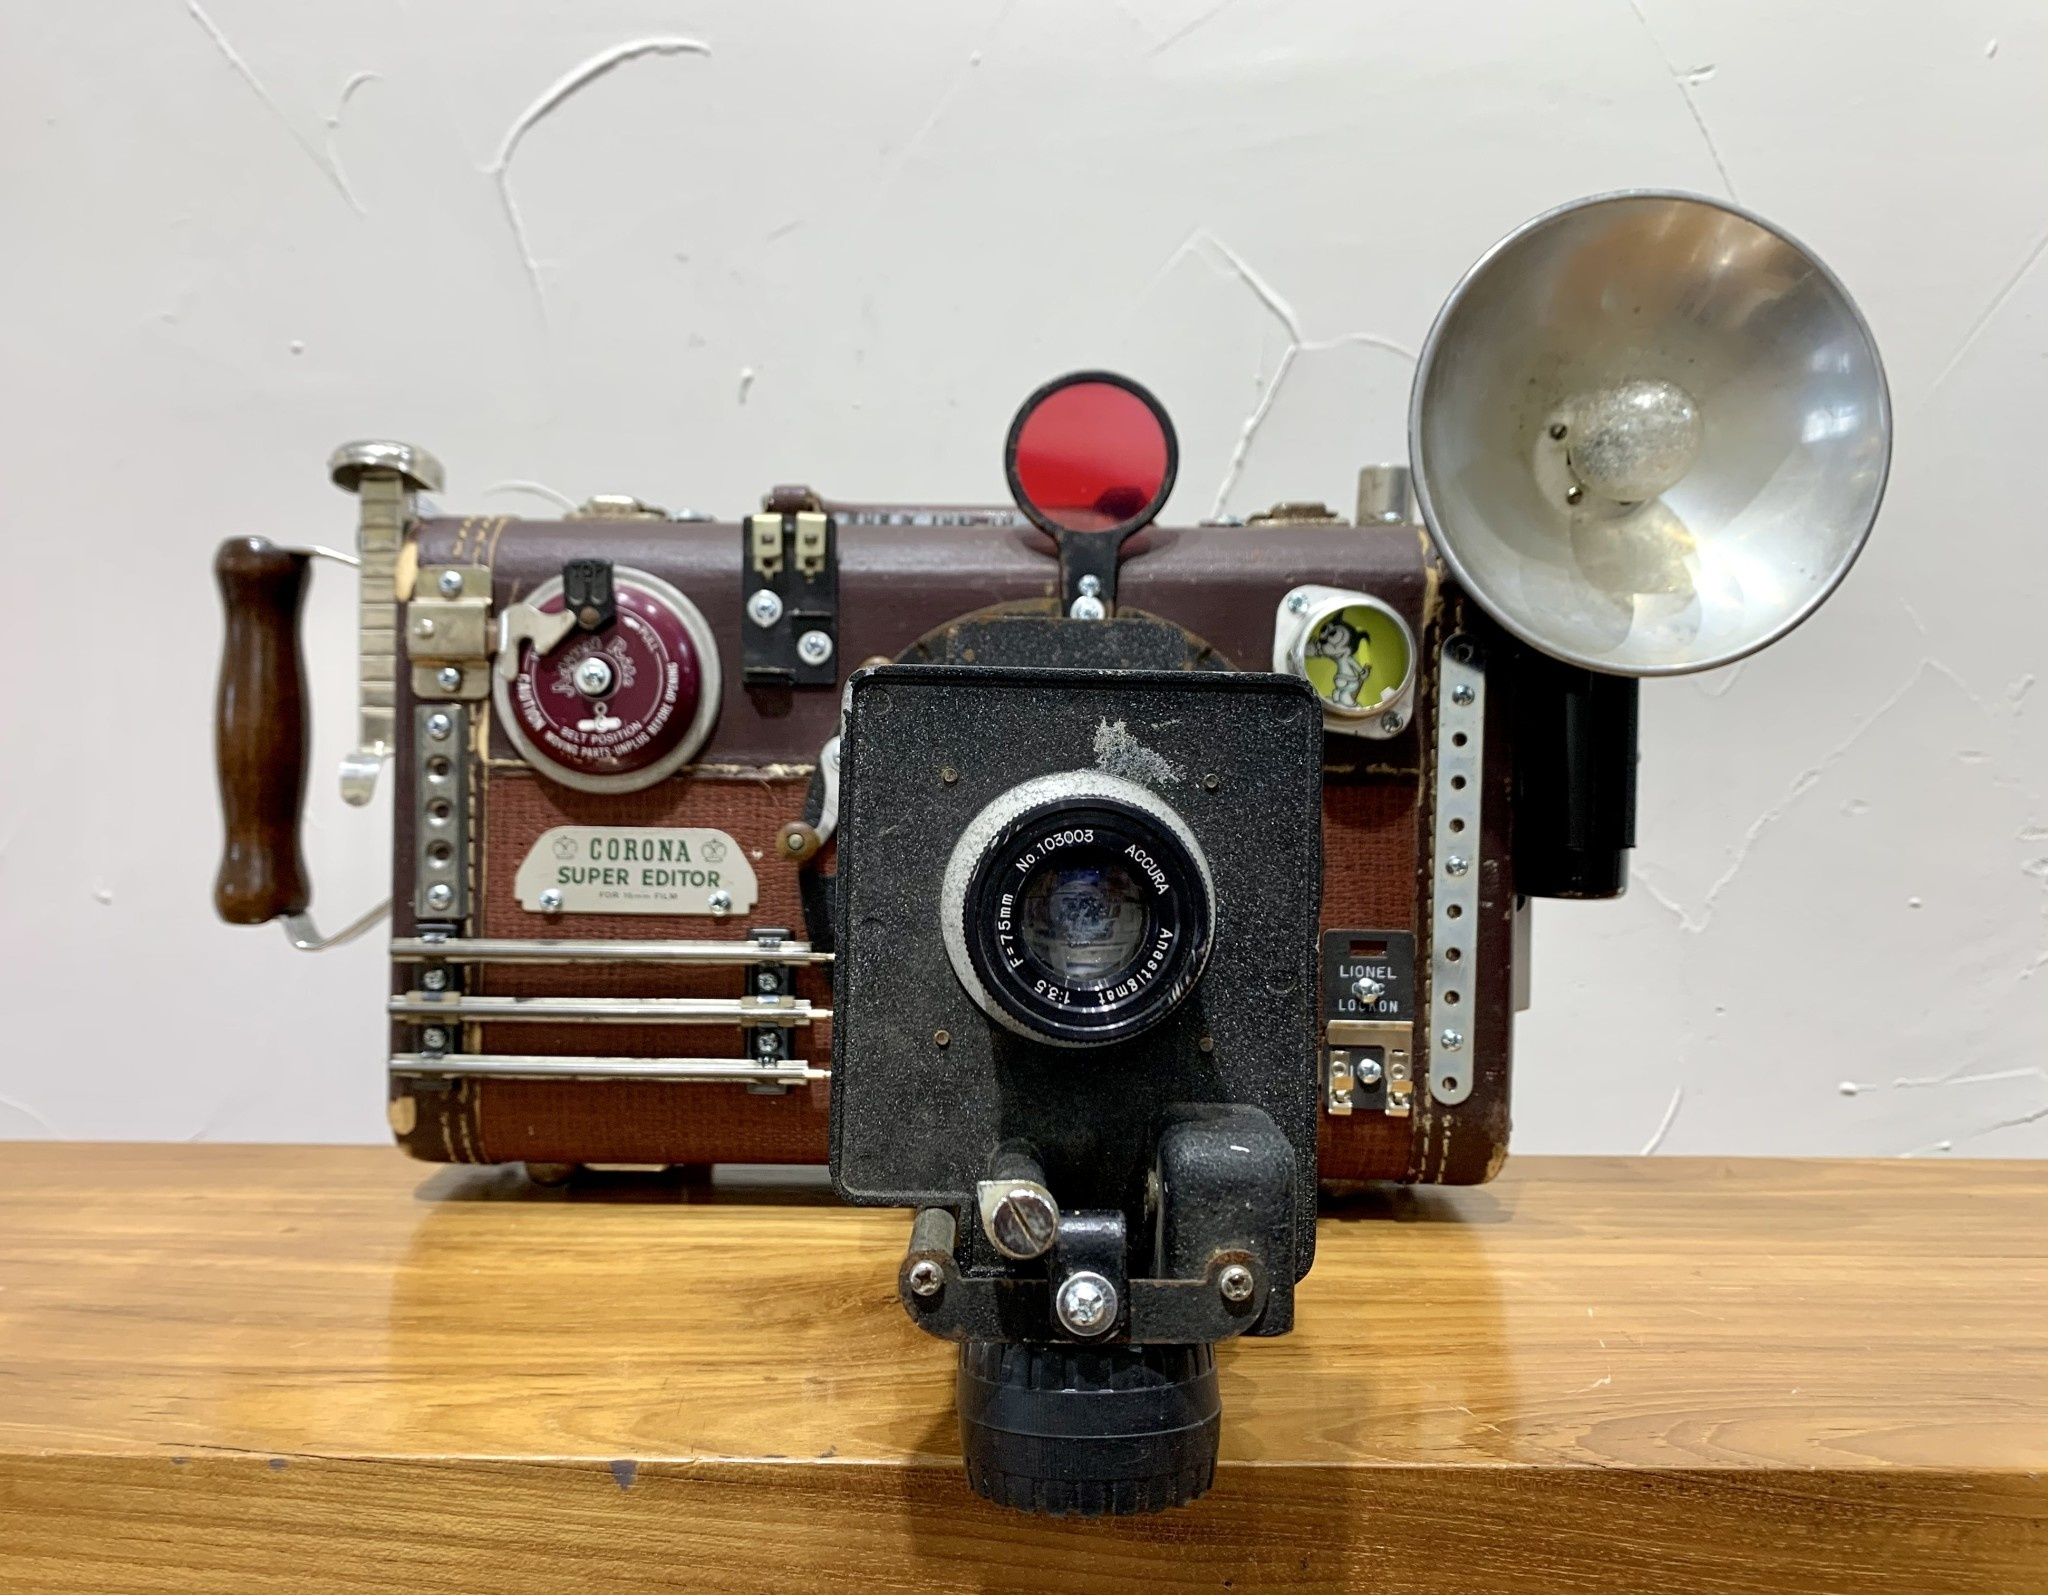 Corona Travel Camera